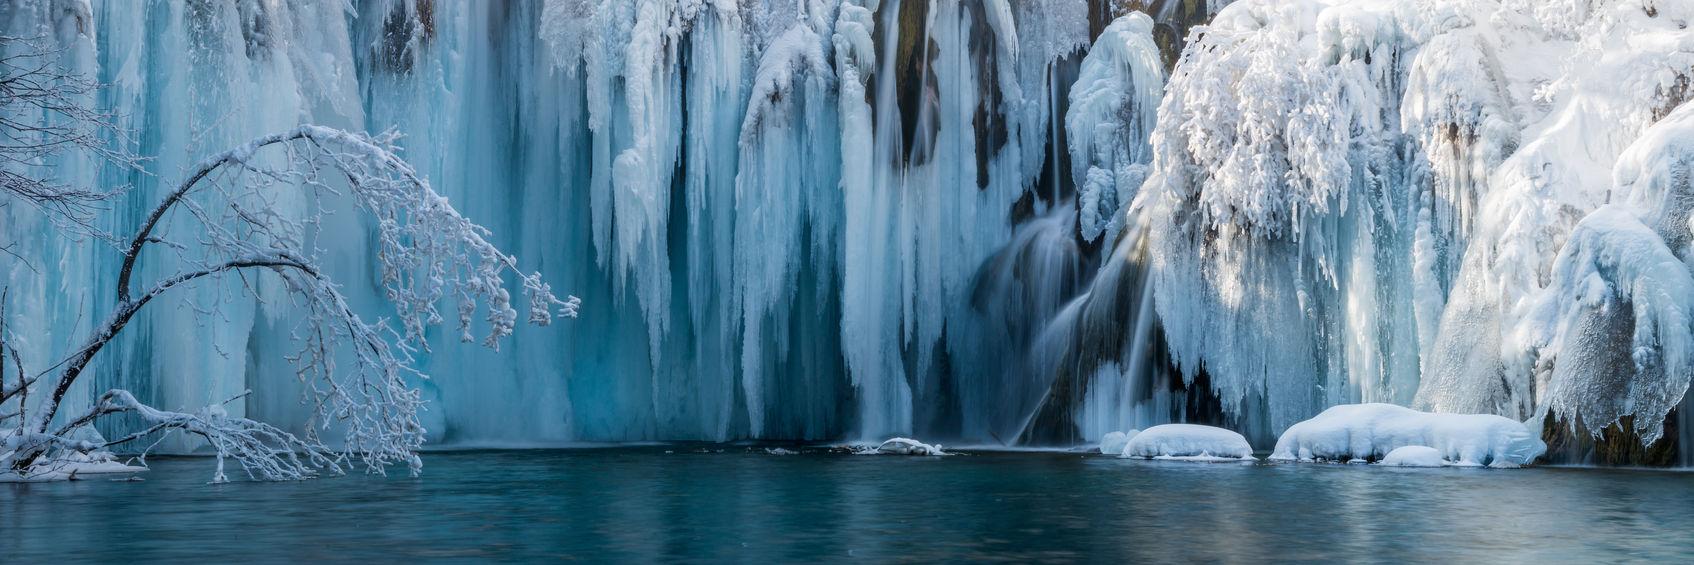 Frozen waterfall 0986 EM.jpg